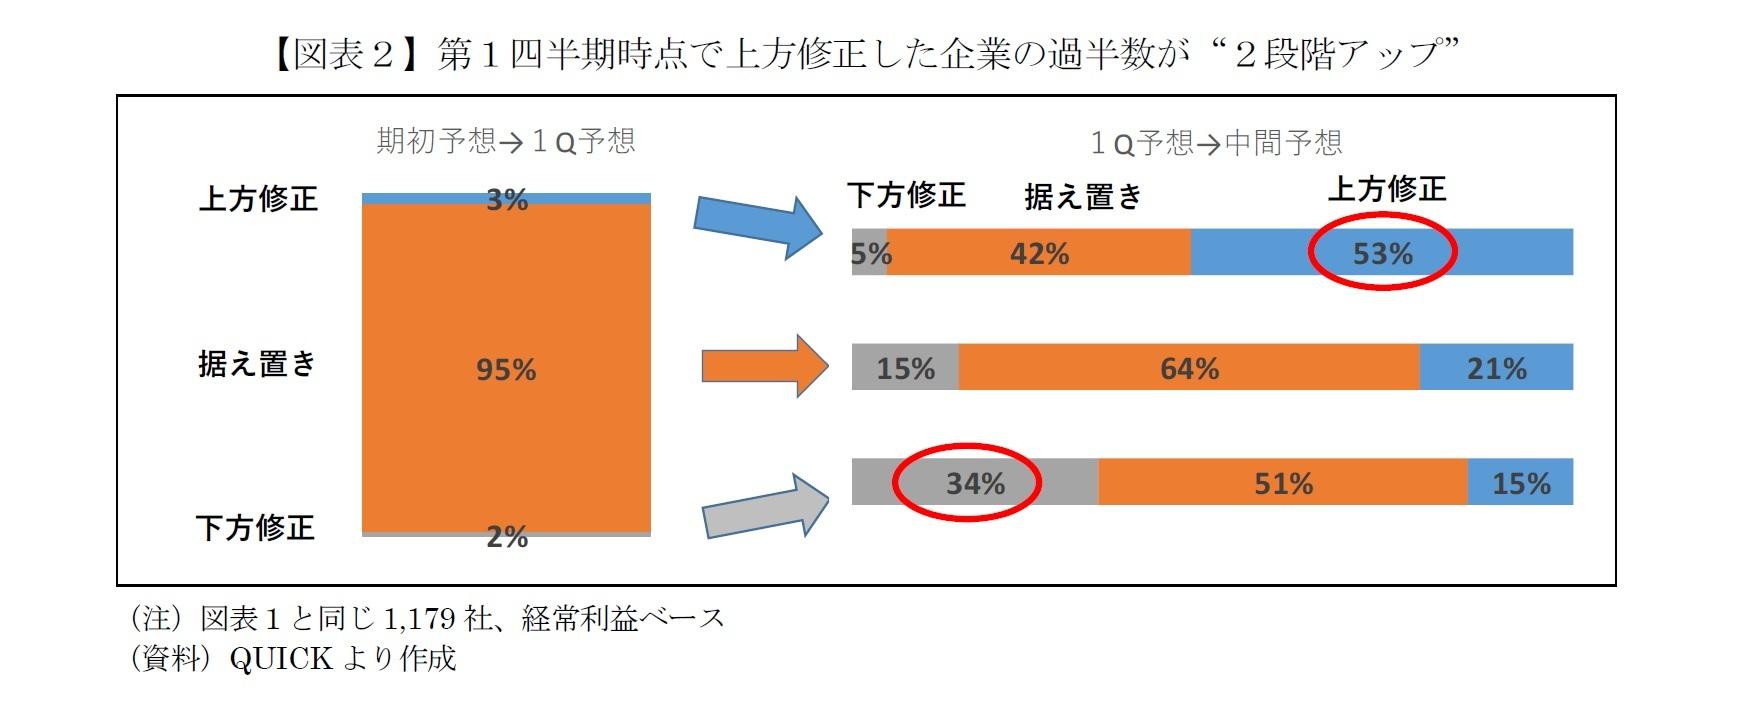 """【図表2】第1四半期時点で上方修正した企業の過半数が""""2段階アップ"""""""